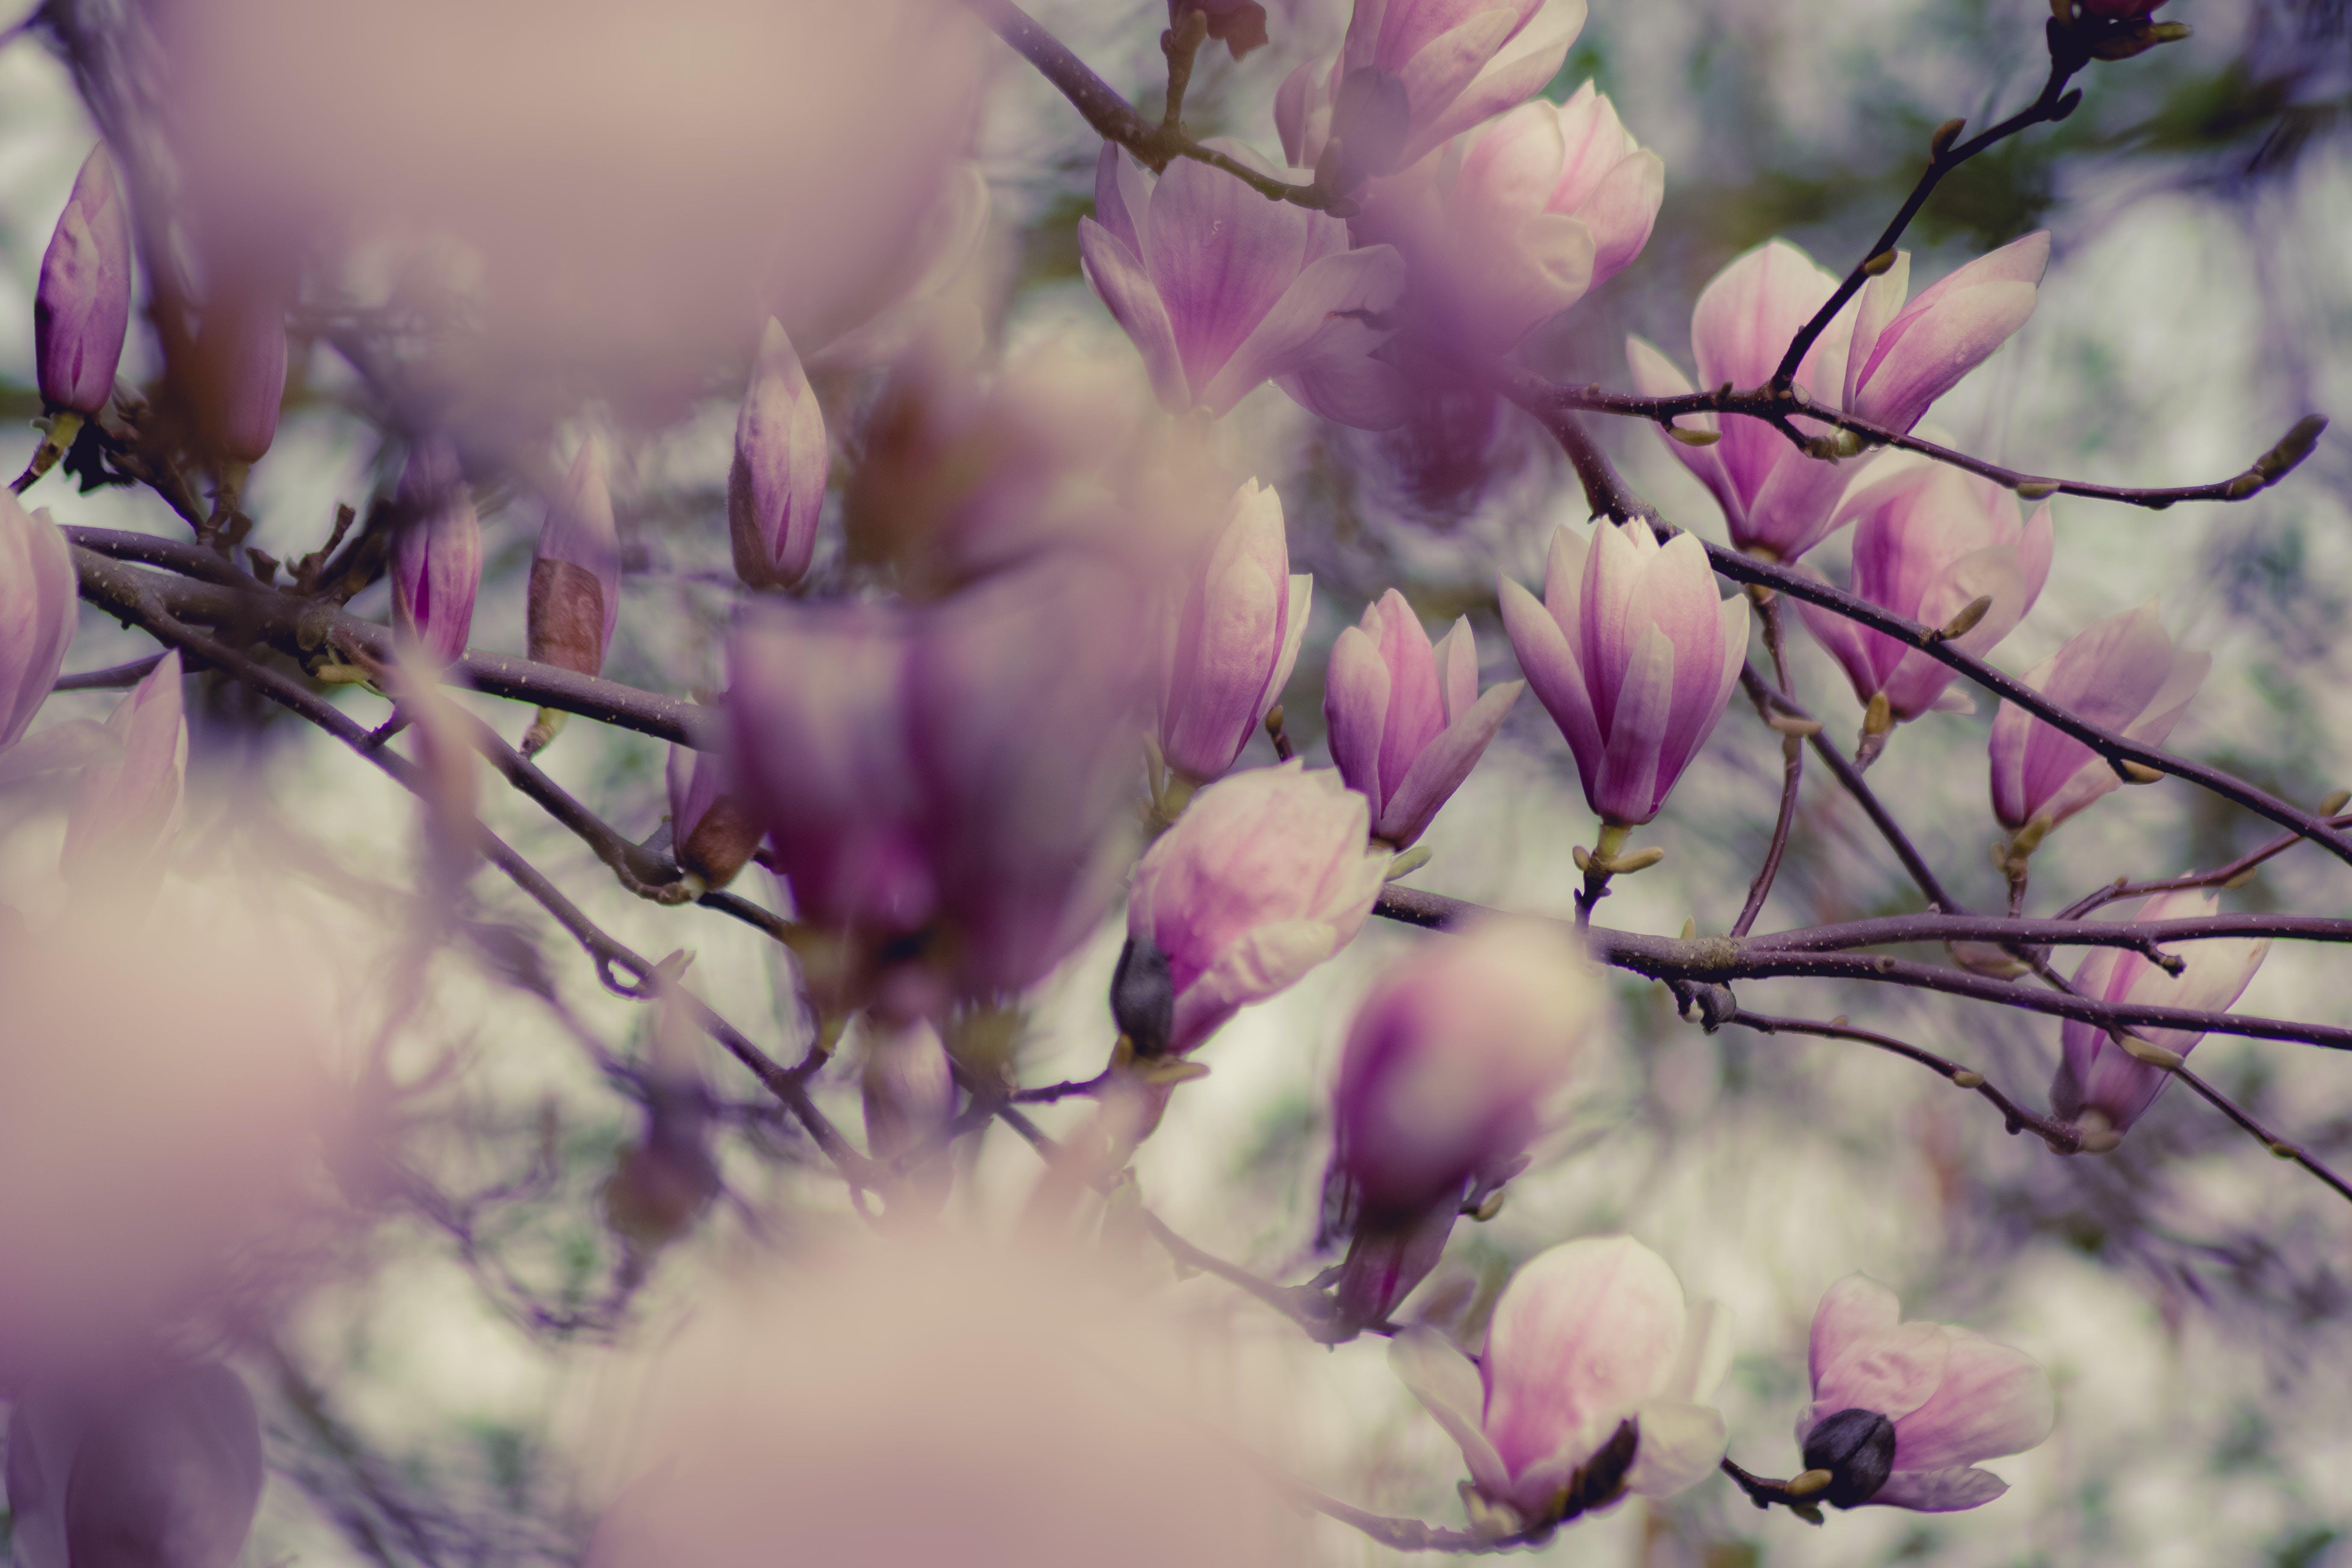 Ilmainen kuvapankkikuva tunnisteilla hauras, kasvikunta, kasvu, kirkas